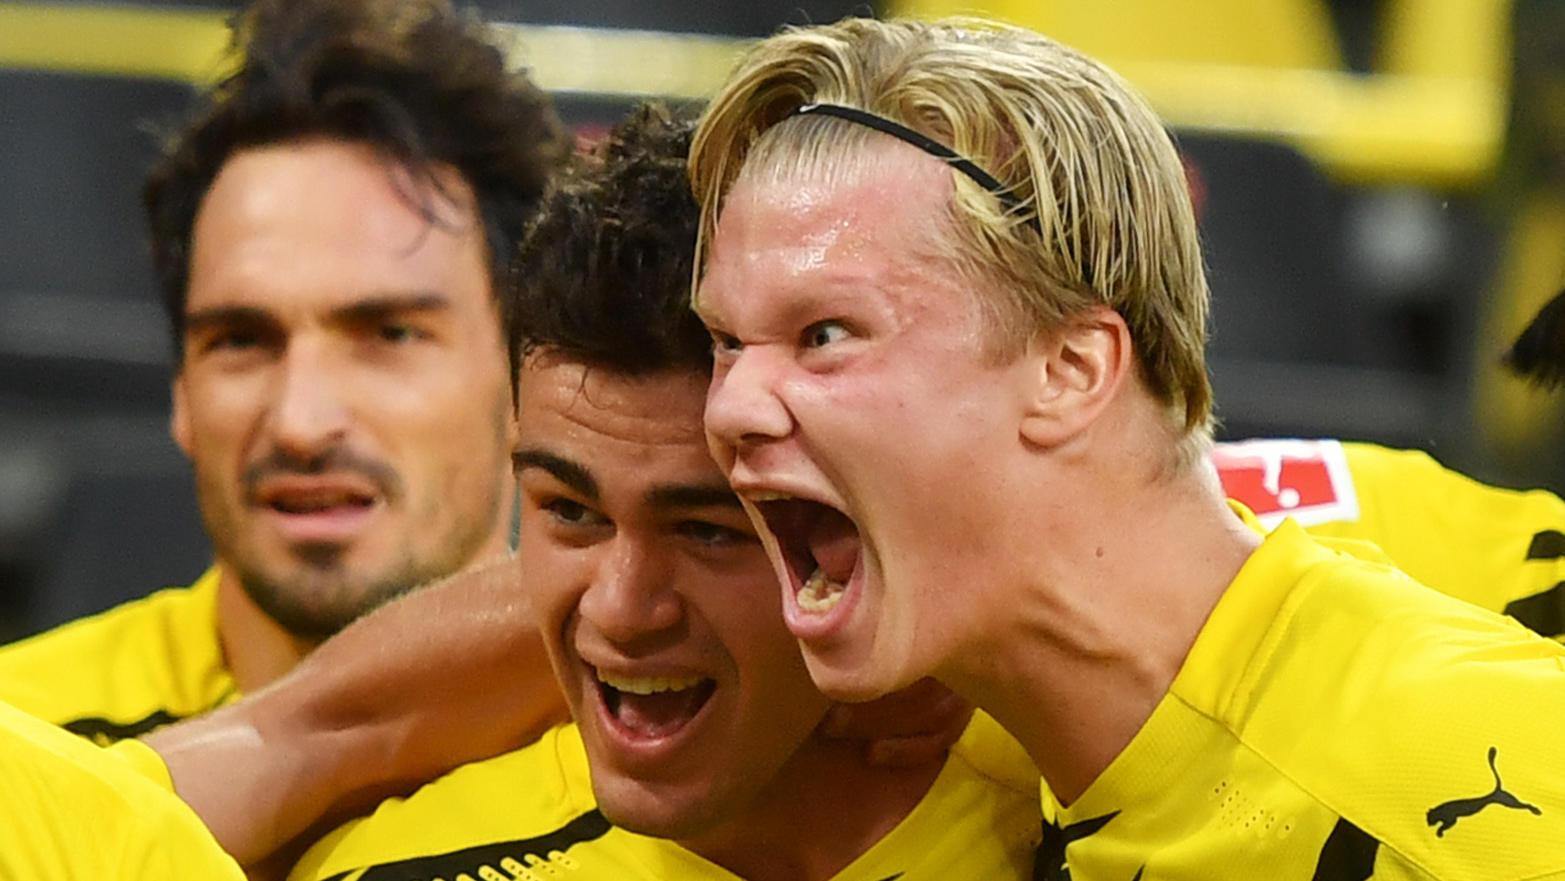 Borussia Dortmund - Borussia Mönchengladbach: BVB zähmt die Fohlenelf